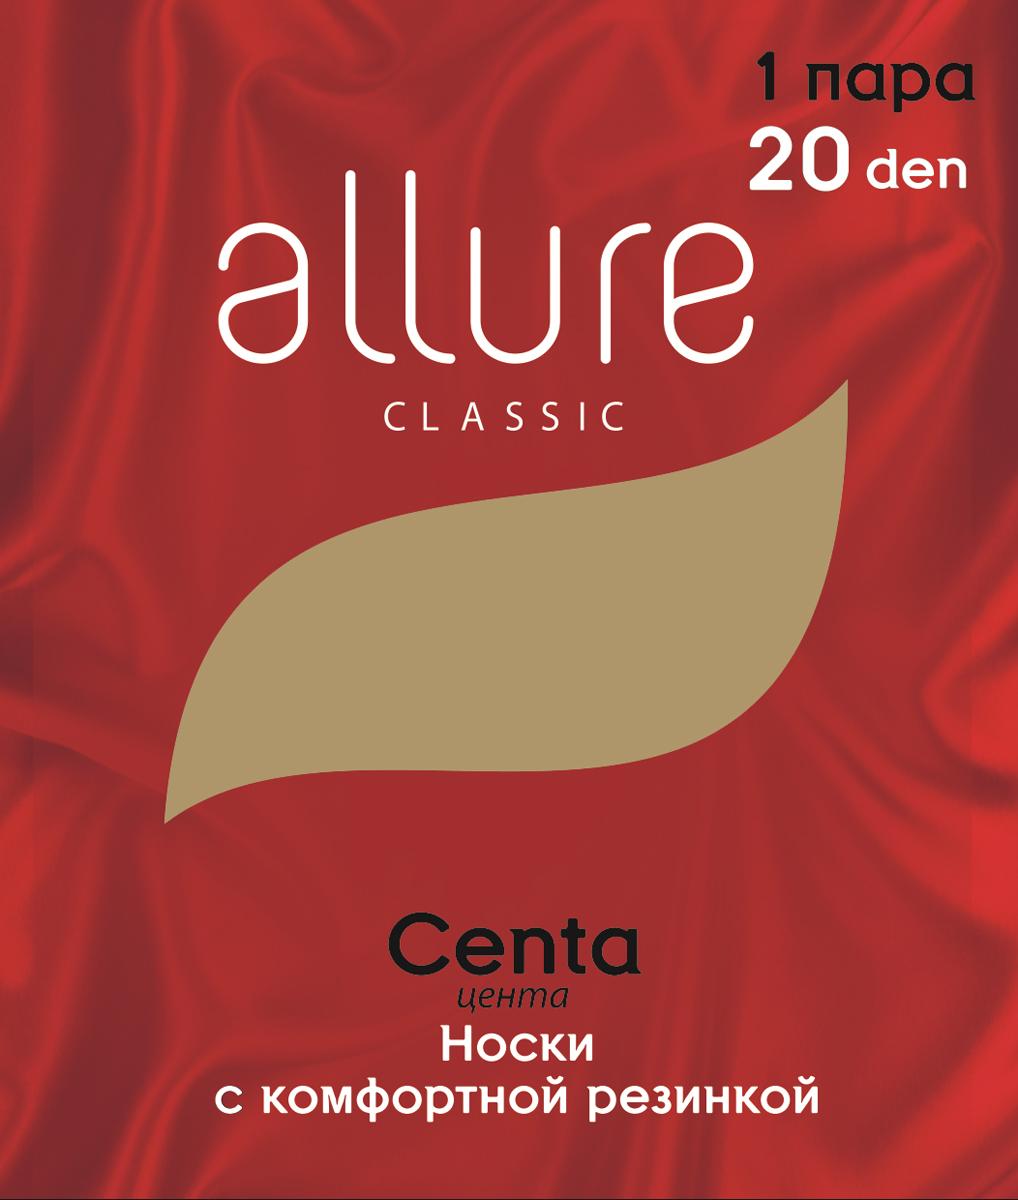 Носки женские Allure Centa 20, цвет:  Glase (бронза).  Размер универсальный Allure